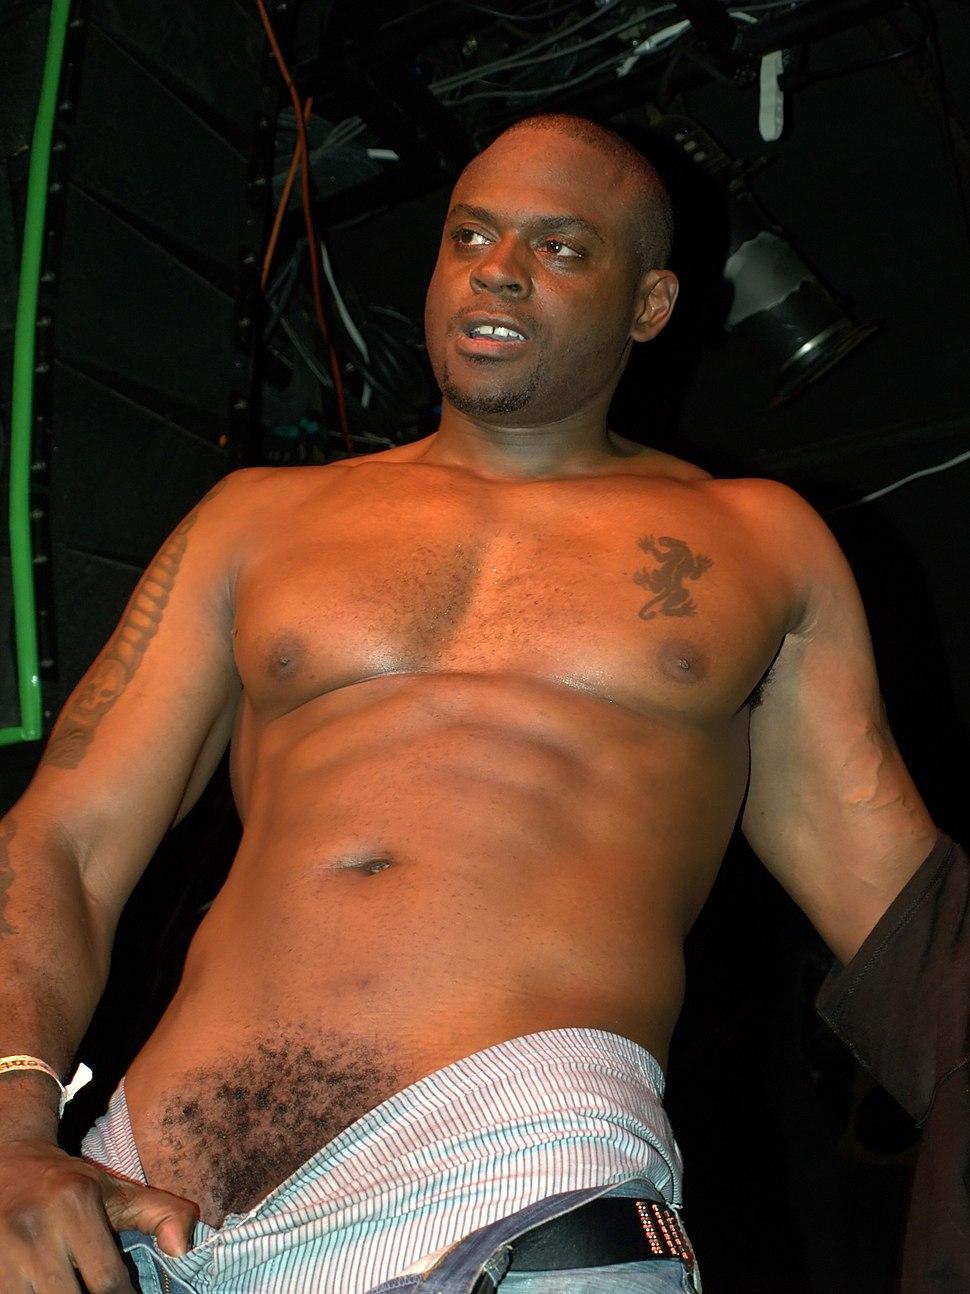 Raw gay ass fucking